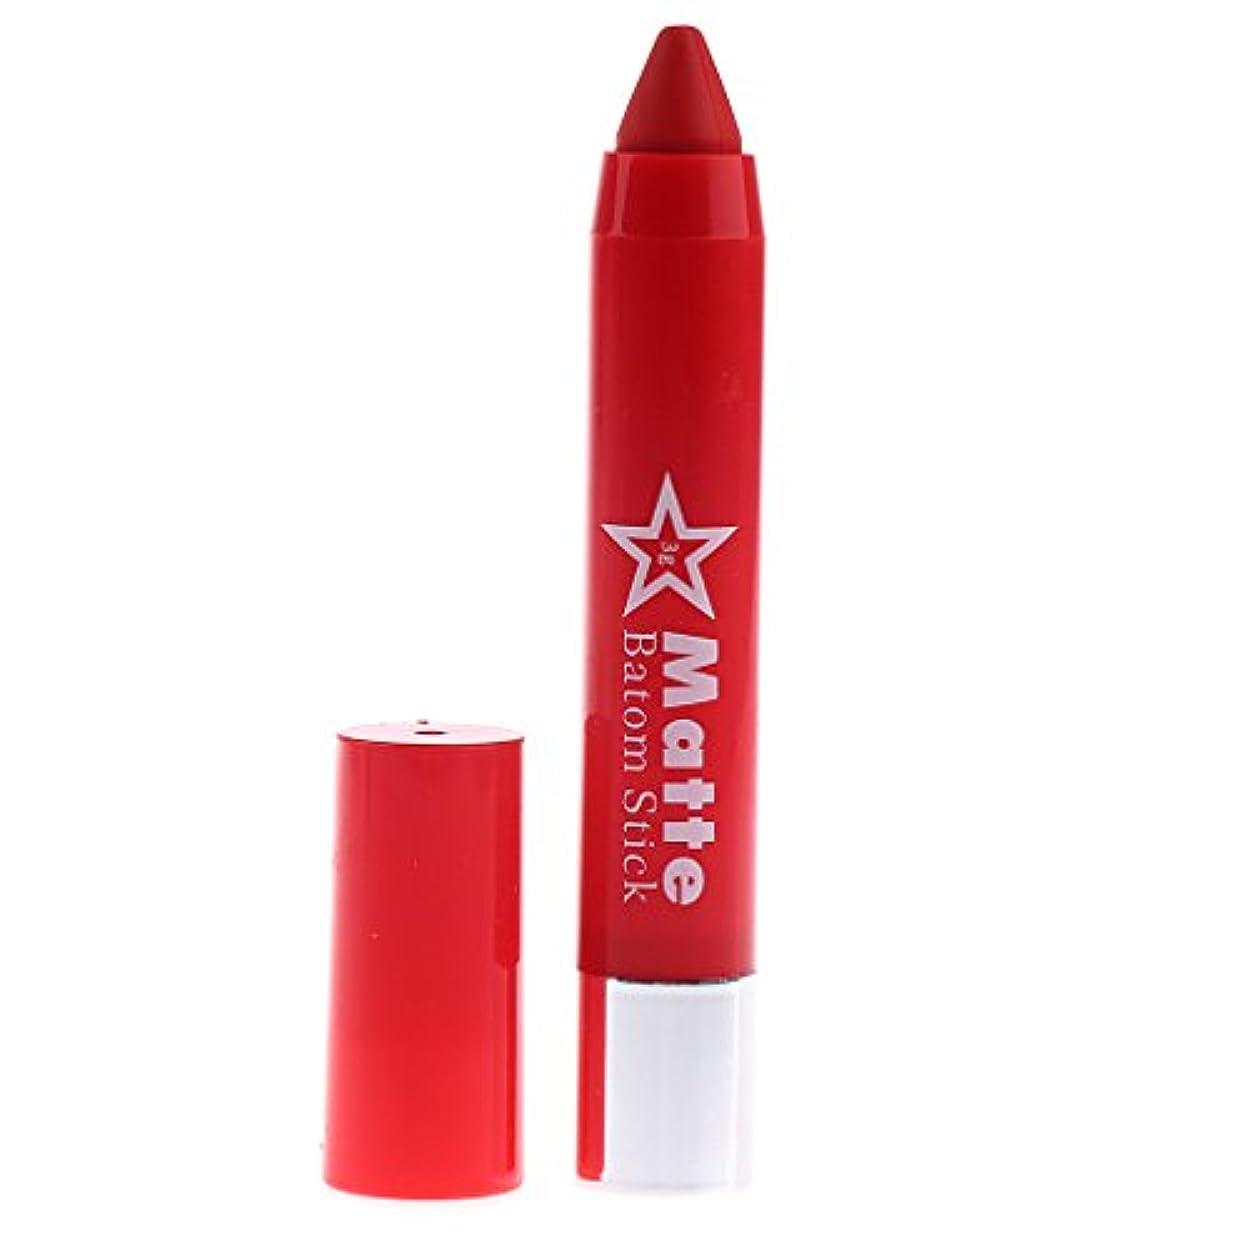 隣接韓国学士6色セット 長持ち 保湿 口紅 リップスティック 高彩度カラー 人気カラー 携帯便利 女性のギルト - #F